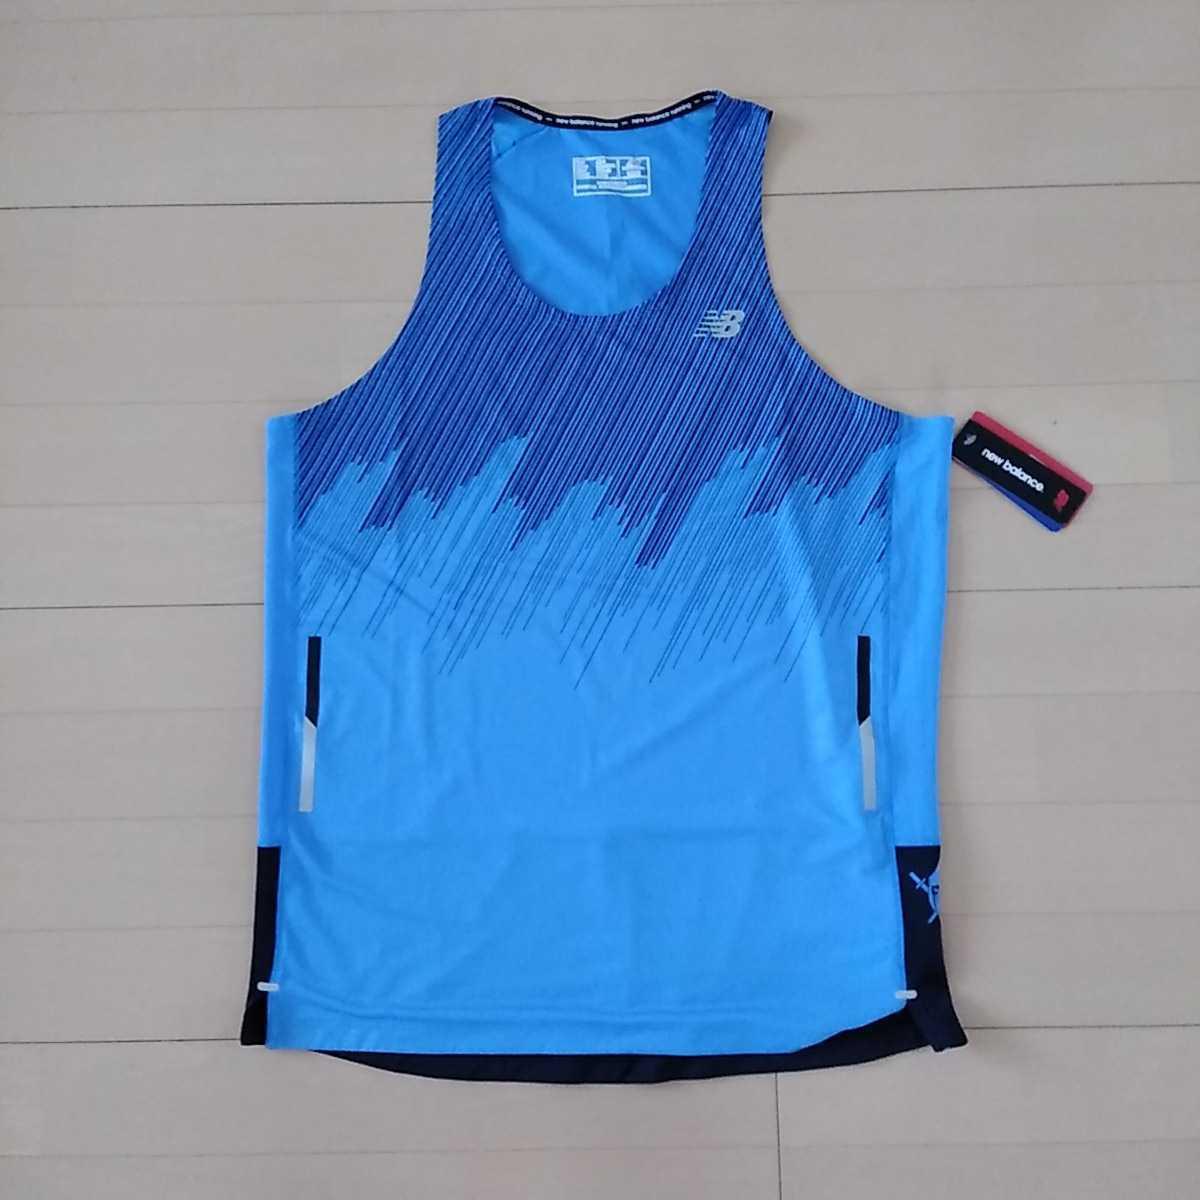 新品★ニューバランス★ランニングシャツ サイズL AMT83222 ハンゾー